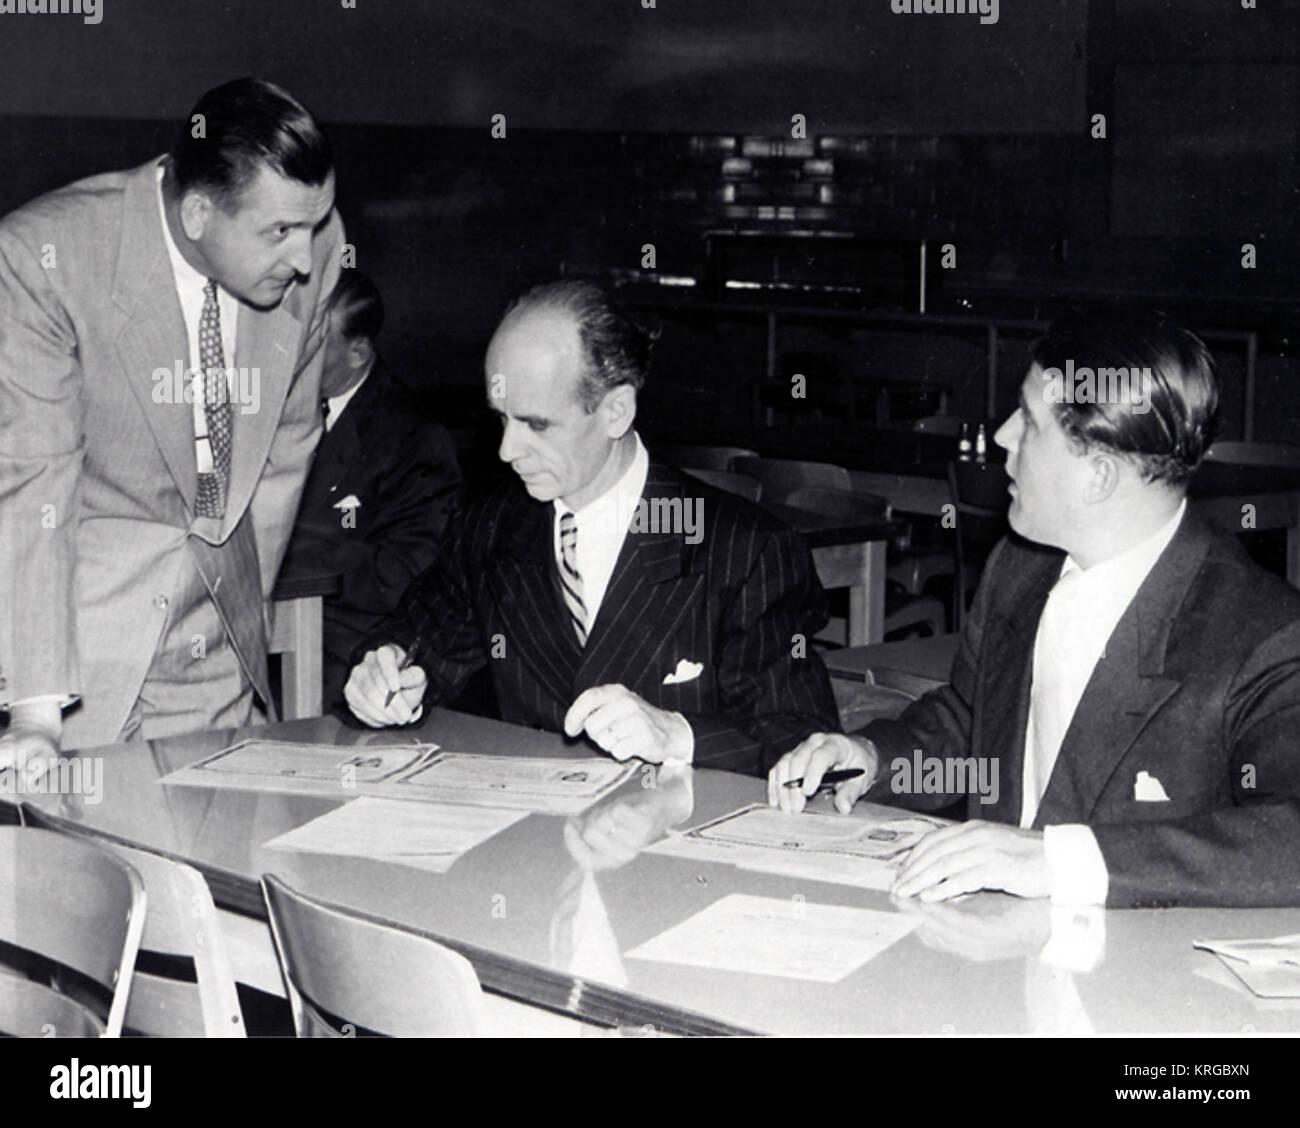 Firma de la ciudadanía Certificae, abril de 1955 (l a r) Martin Schilling, Ernst Stuhlinger, Dr. Wernher Von Braun (Archivo) VonBraunCitizenship MIX Foto de stock